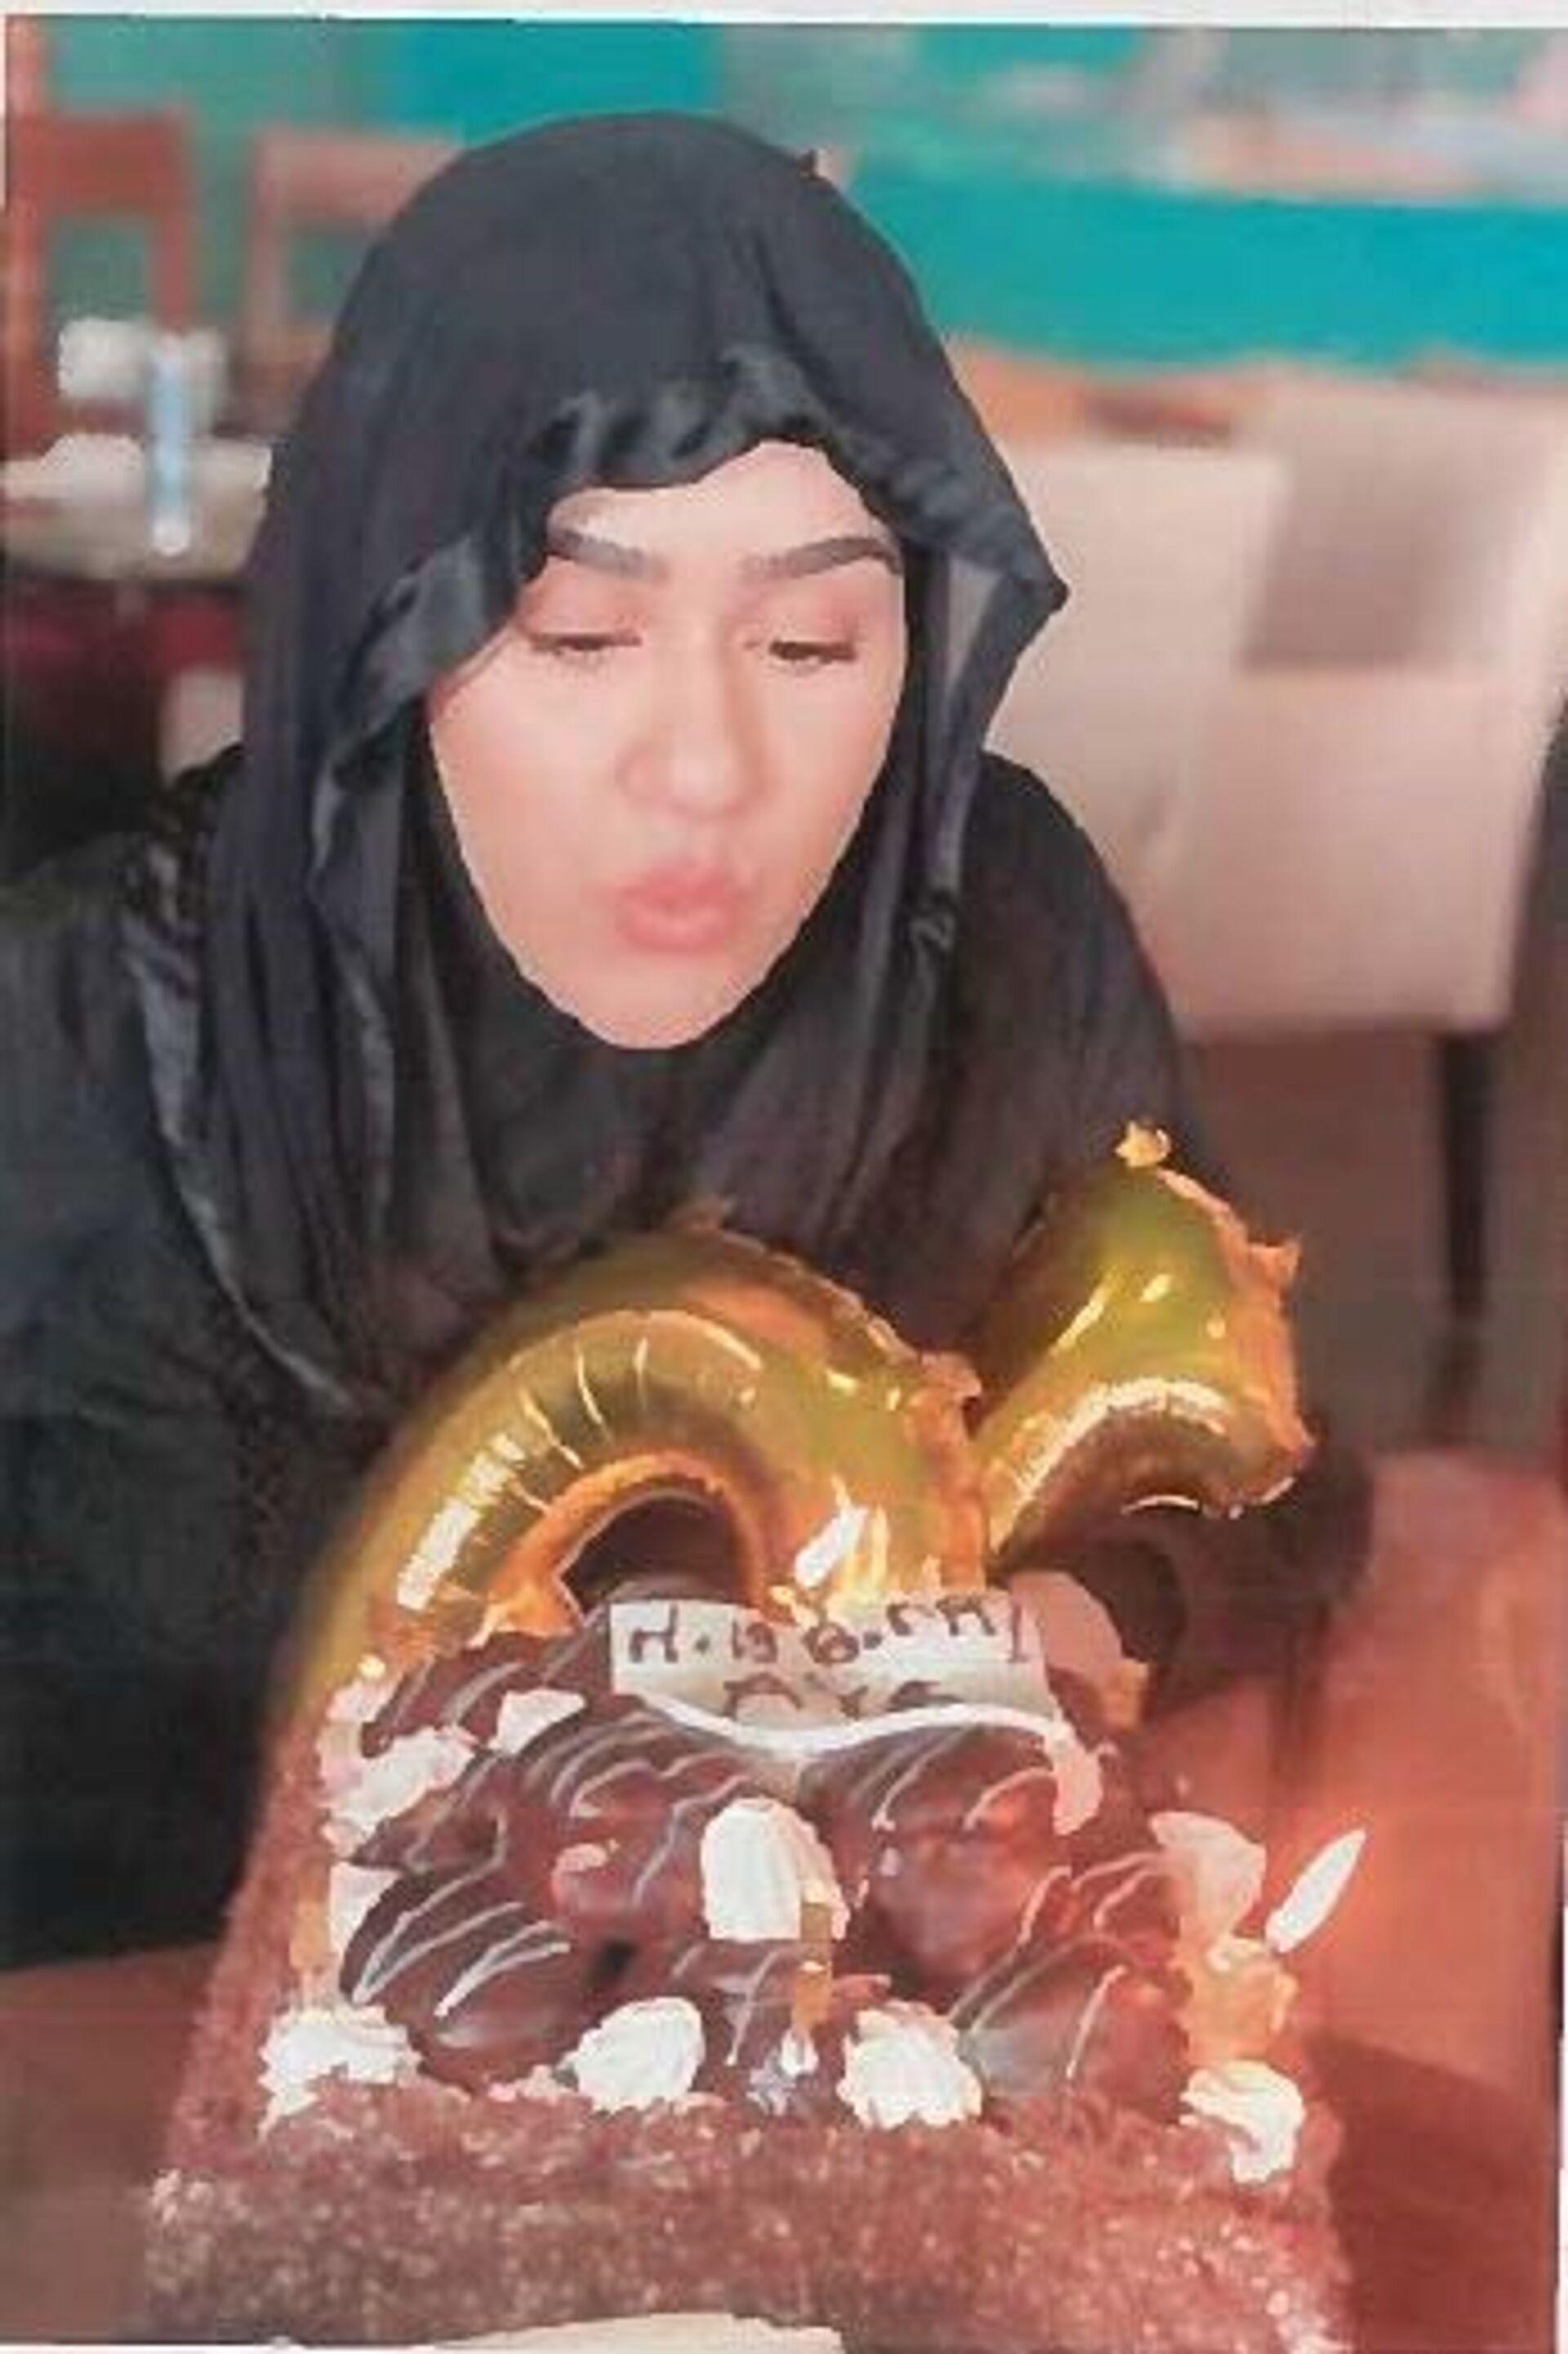 Aya Hachem, who was shot dead by mistake in Blackburn in May 2020 - Sputnik International, 1920, 07.09.2021